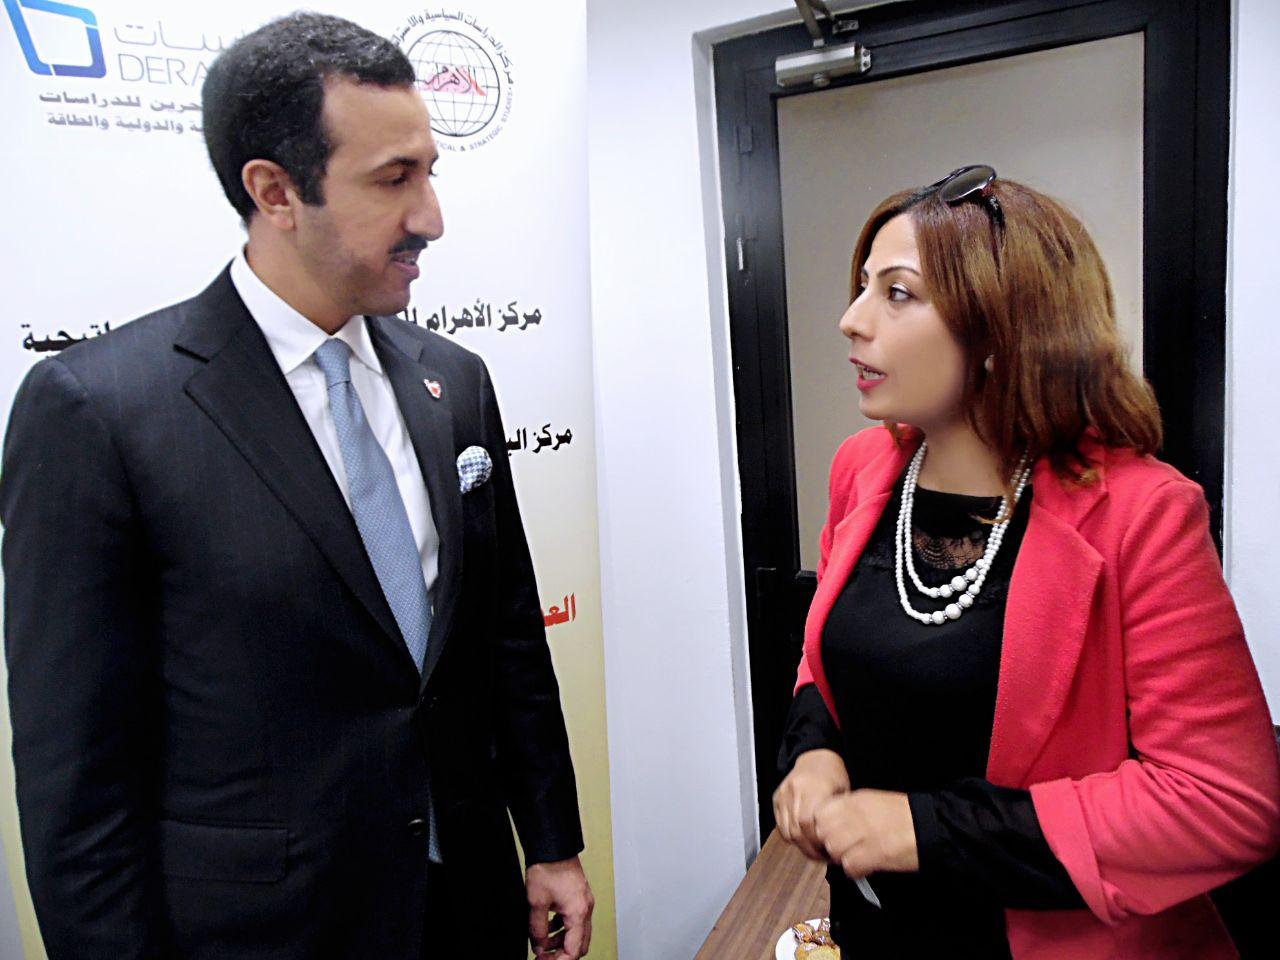 وكيل خارجية البحرين مع محررة صوت الأمة